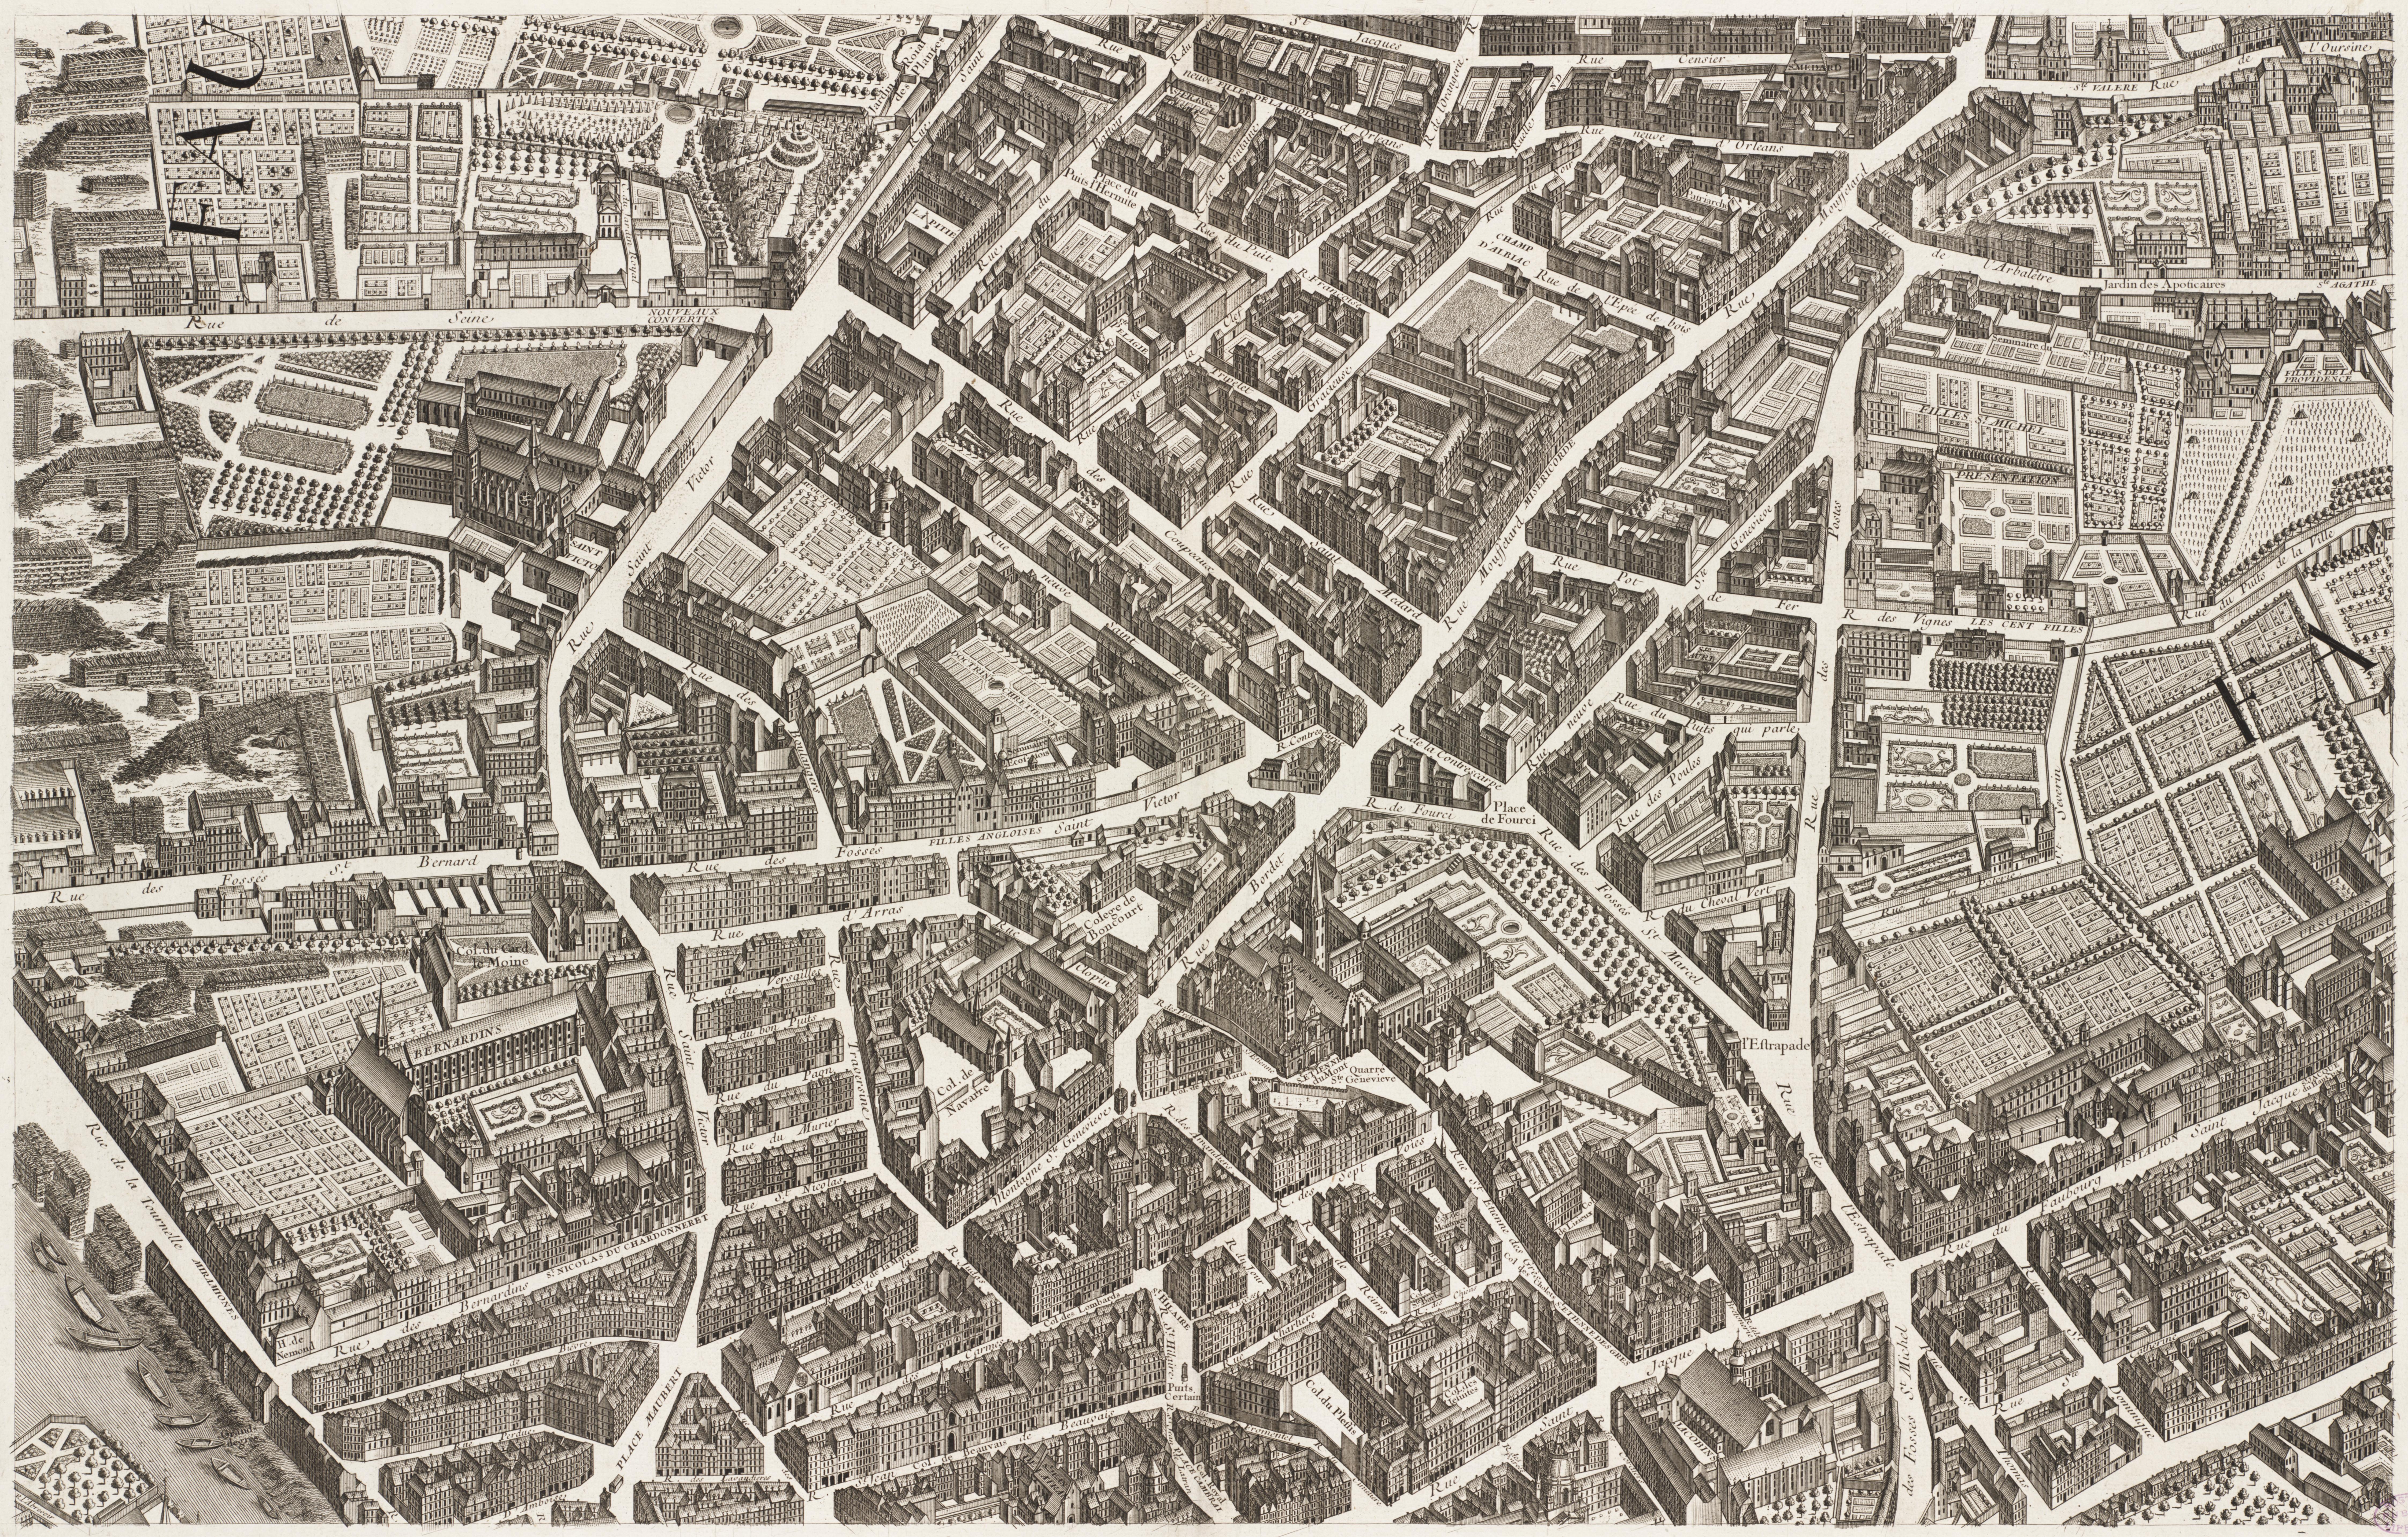 fileturgot map of paris sheet 7 norman b leventhal map center